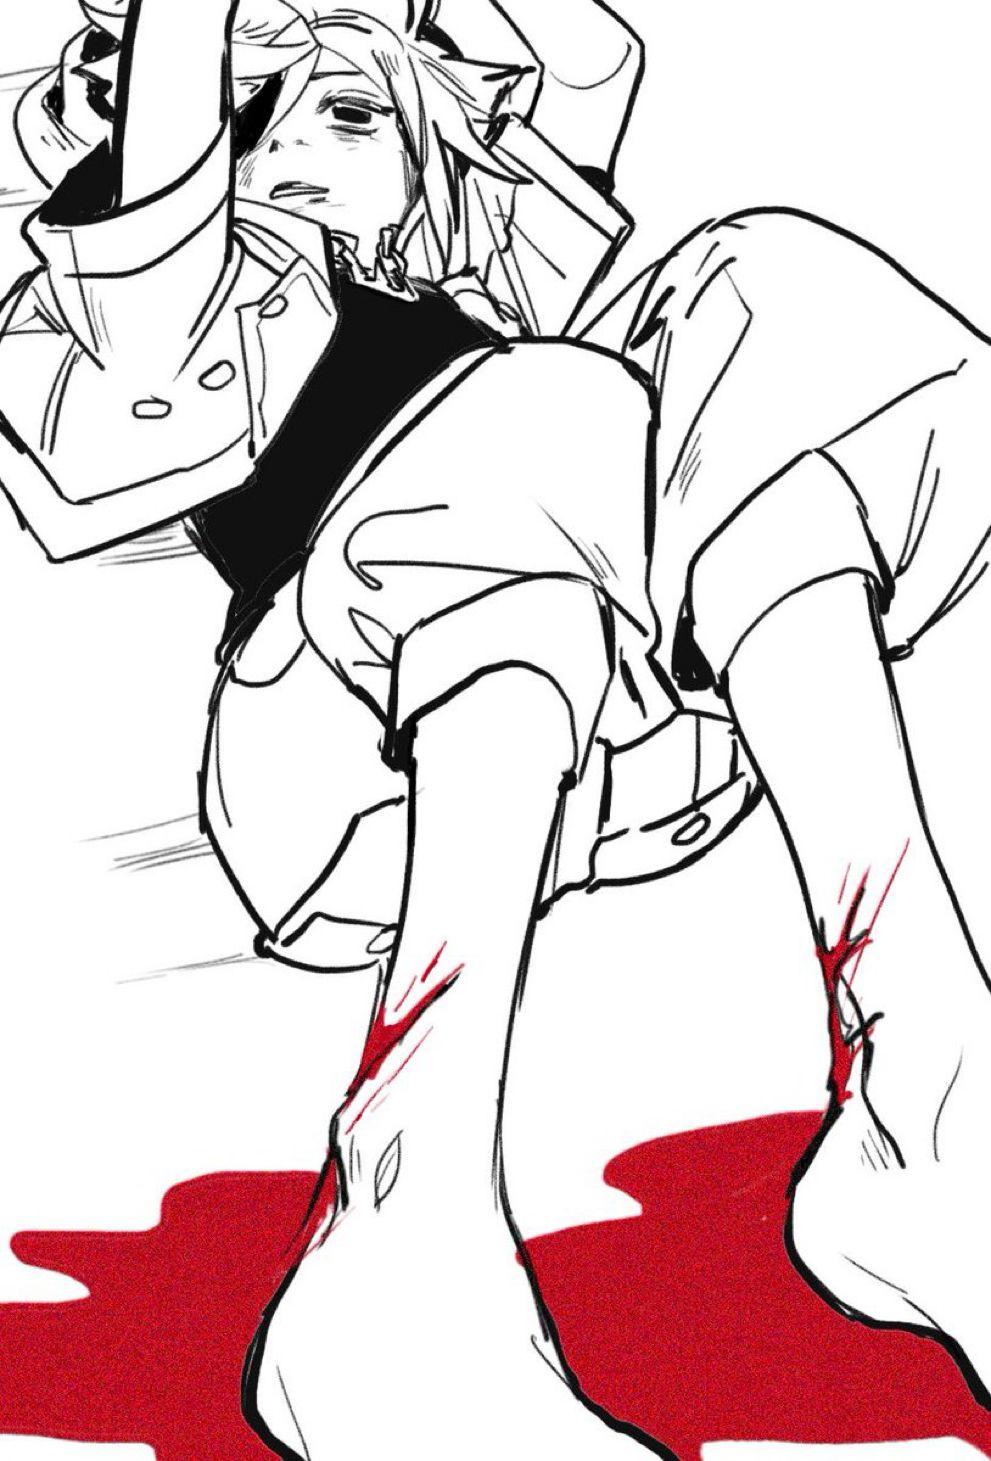 [AnimePlaza] Hoshiai No Sora - 06 [720p] [x265] [HEVC].mkv